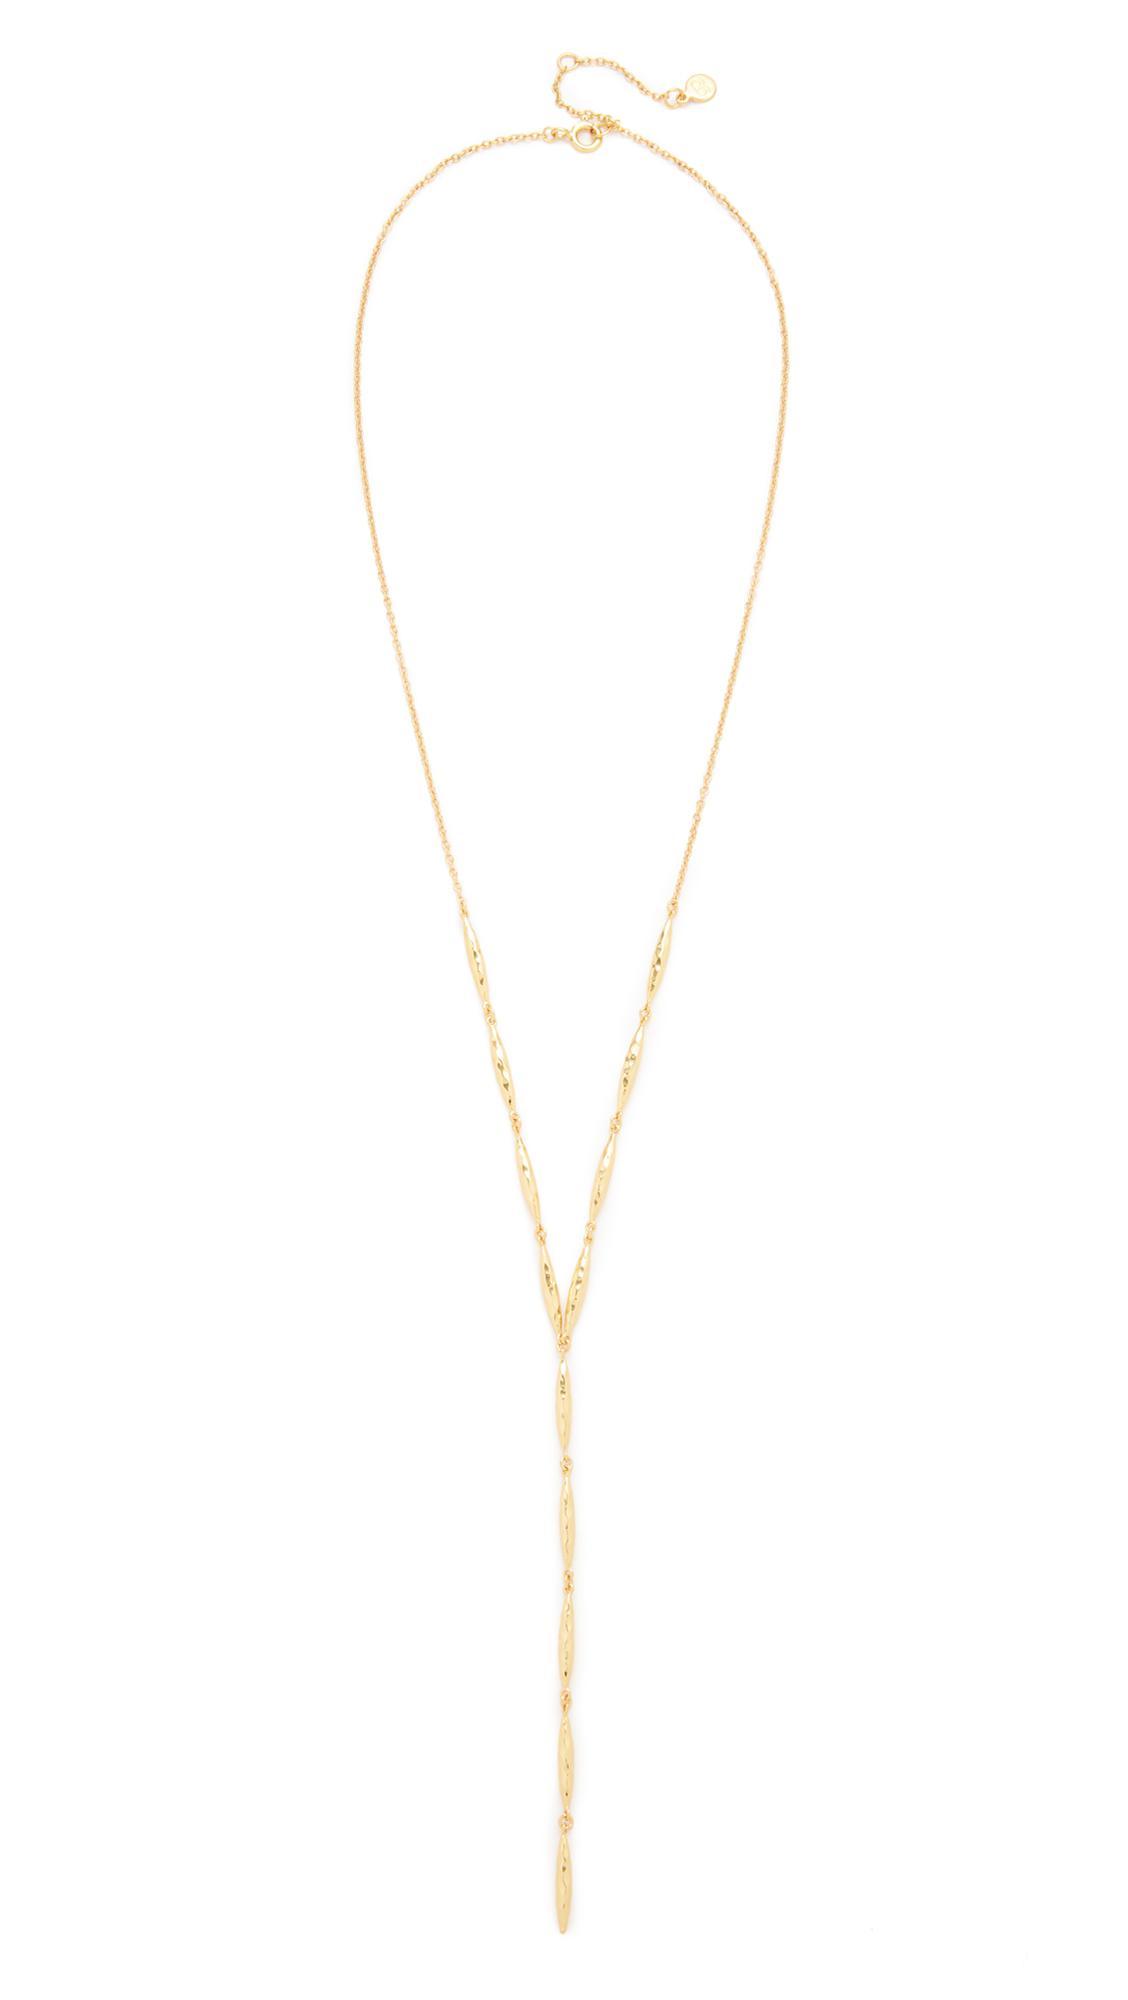 Gorjana Nora Lariat Necklace in Gold (Metallic)